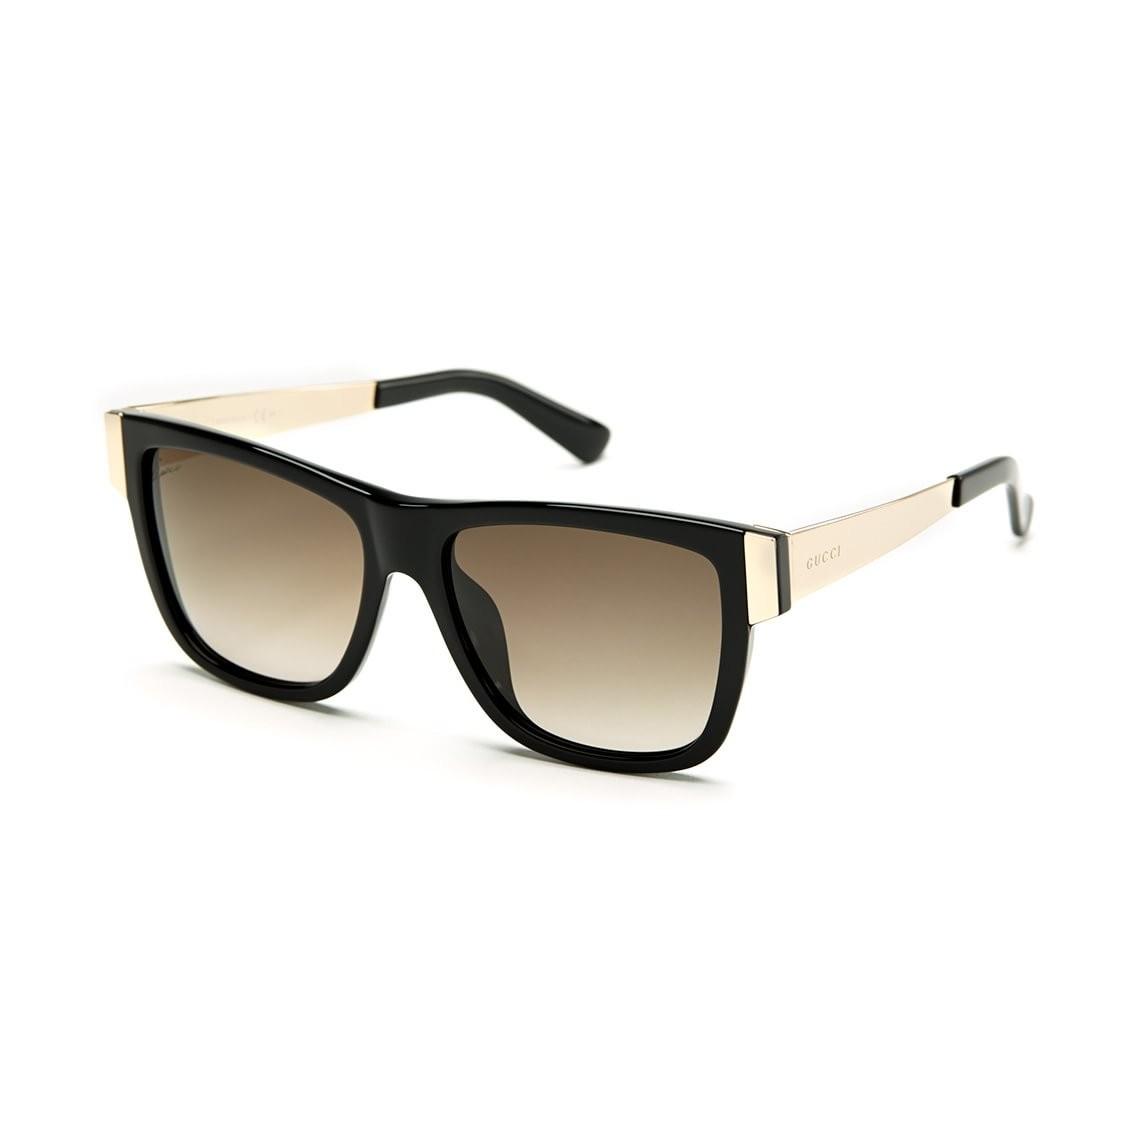 Γυαλιά Ηλίου Gucci GG 3718 S ANWHA ee2e25d3b99